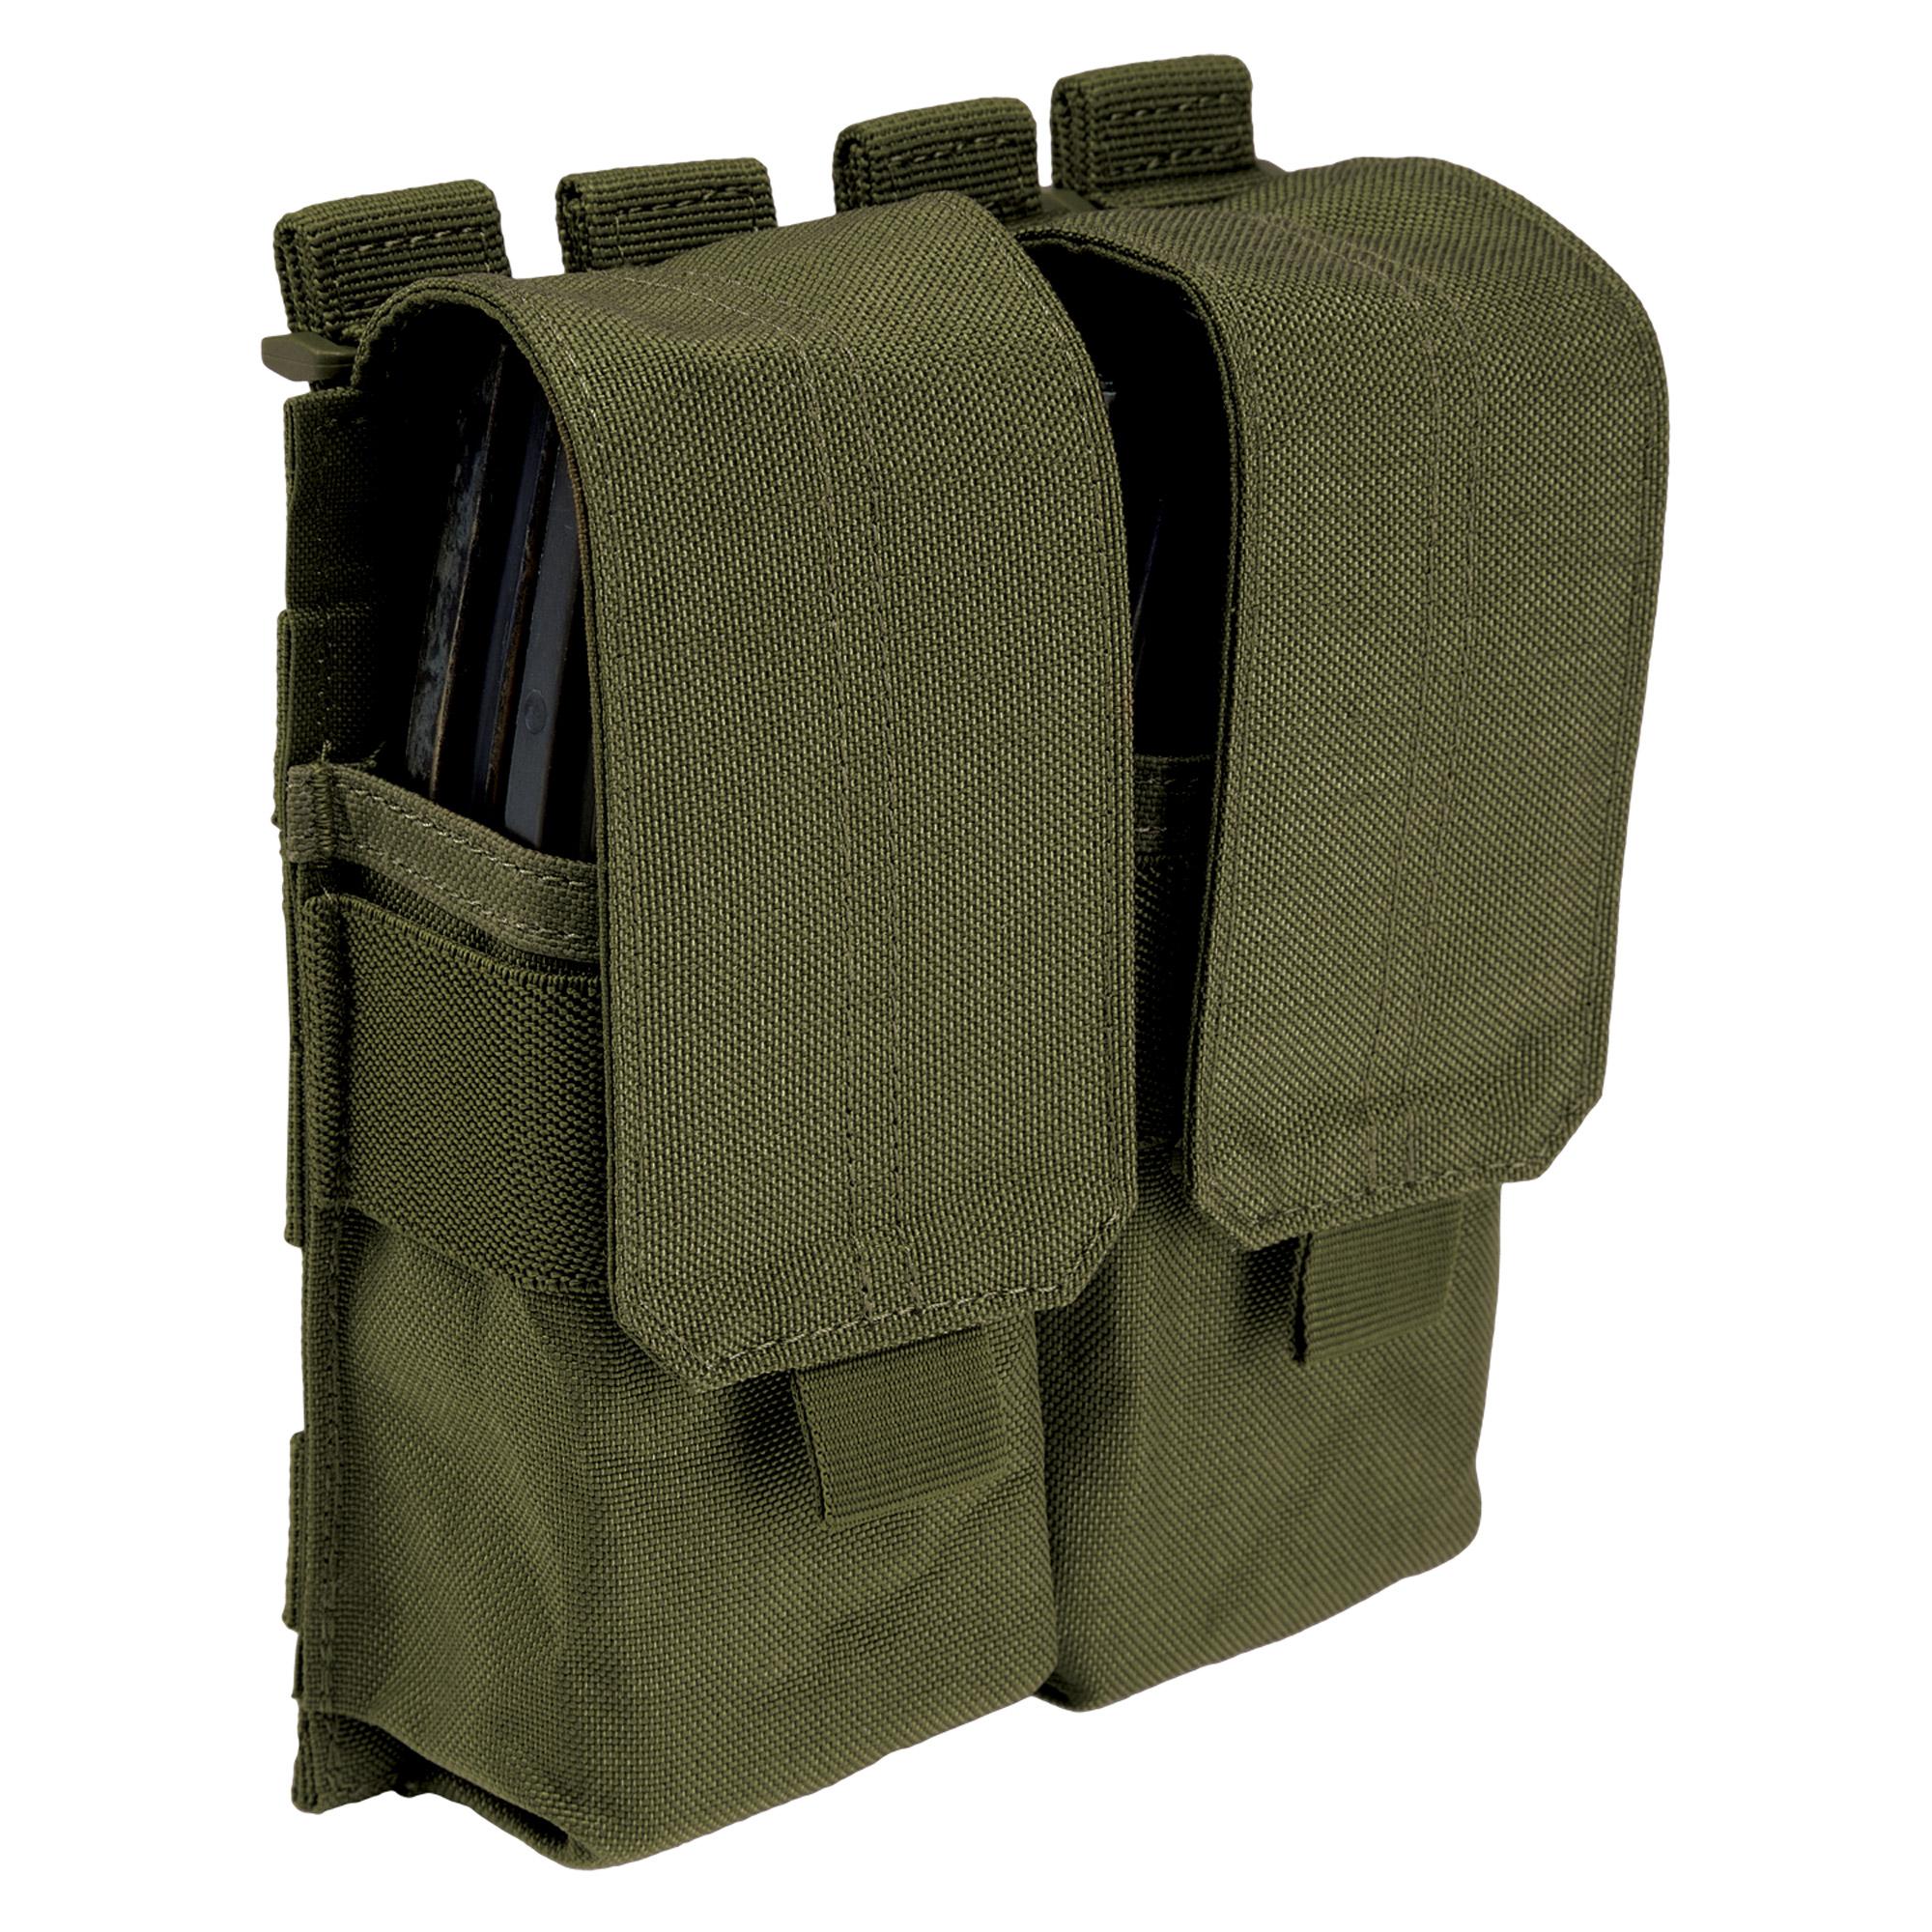 פונדה כפולה ל- 2 מחסניות רובה שטוחות  #58706